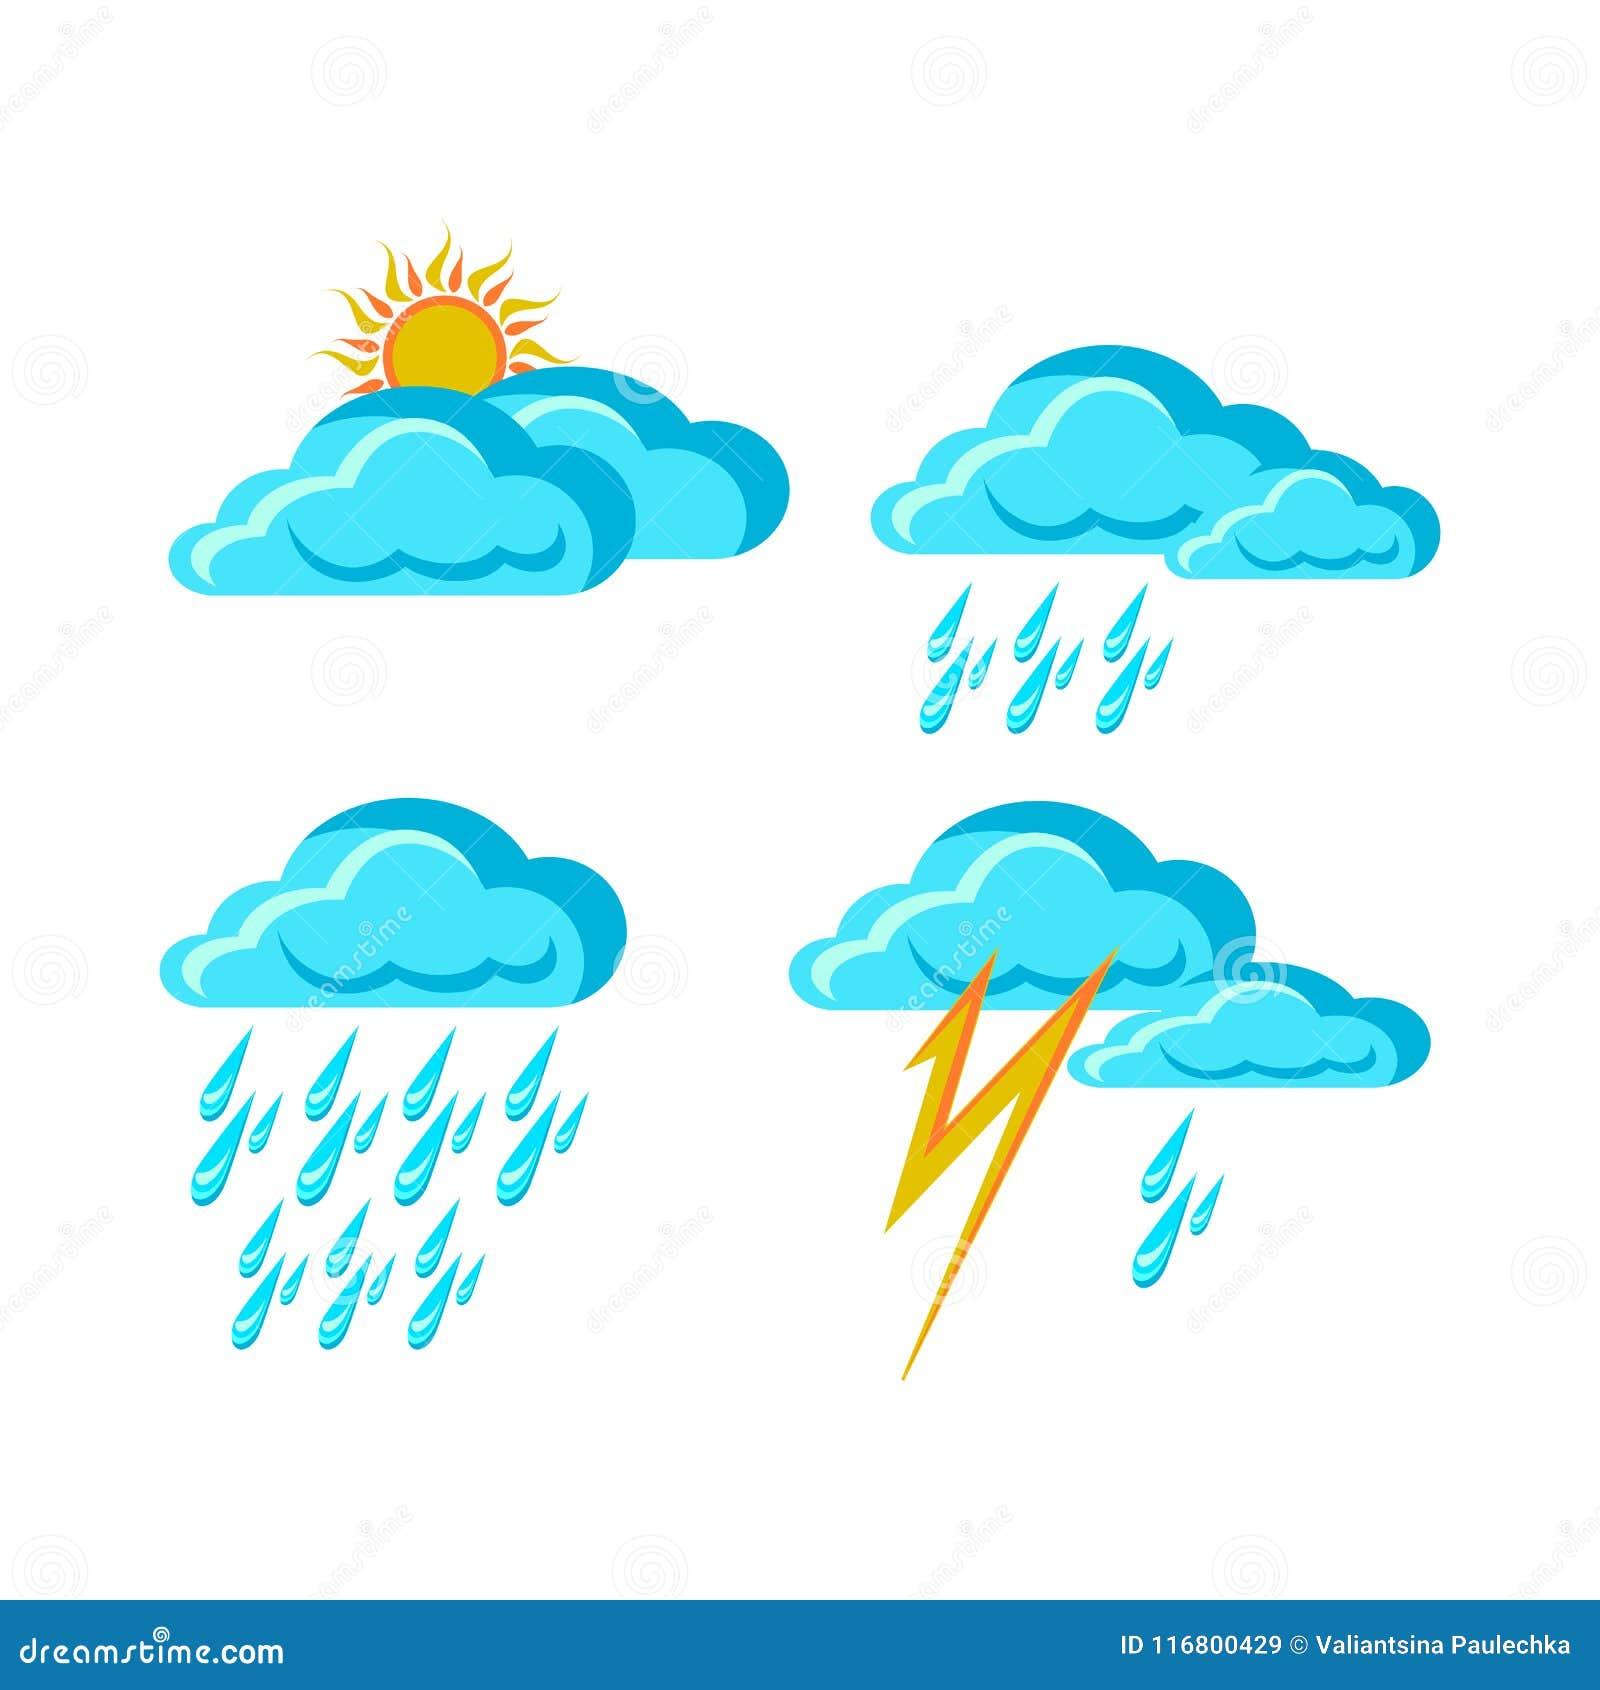 Segni di previsioni del tempo